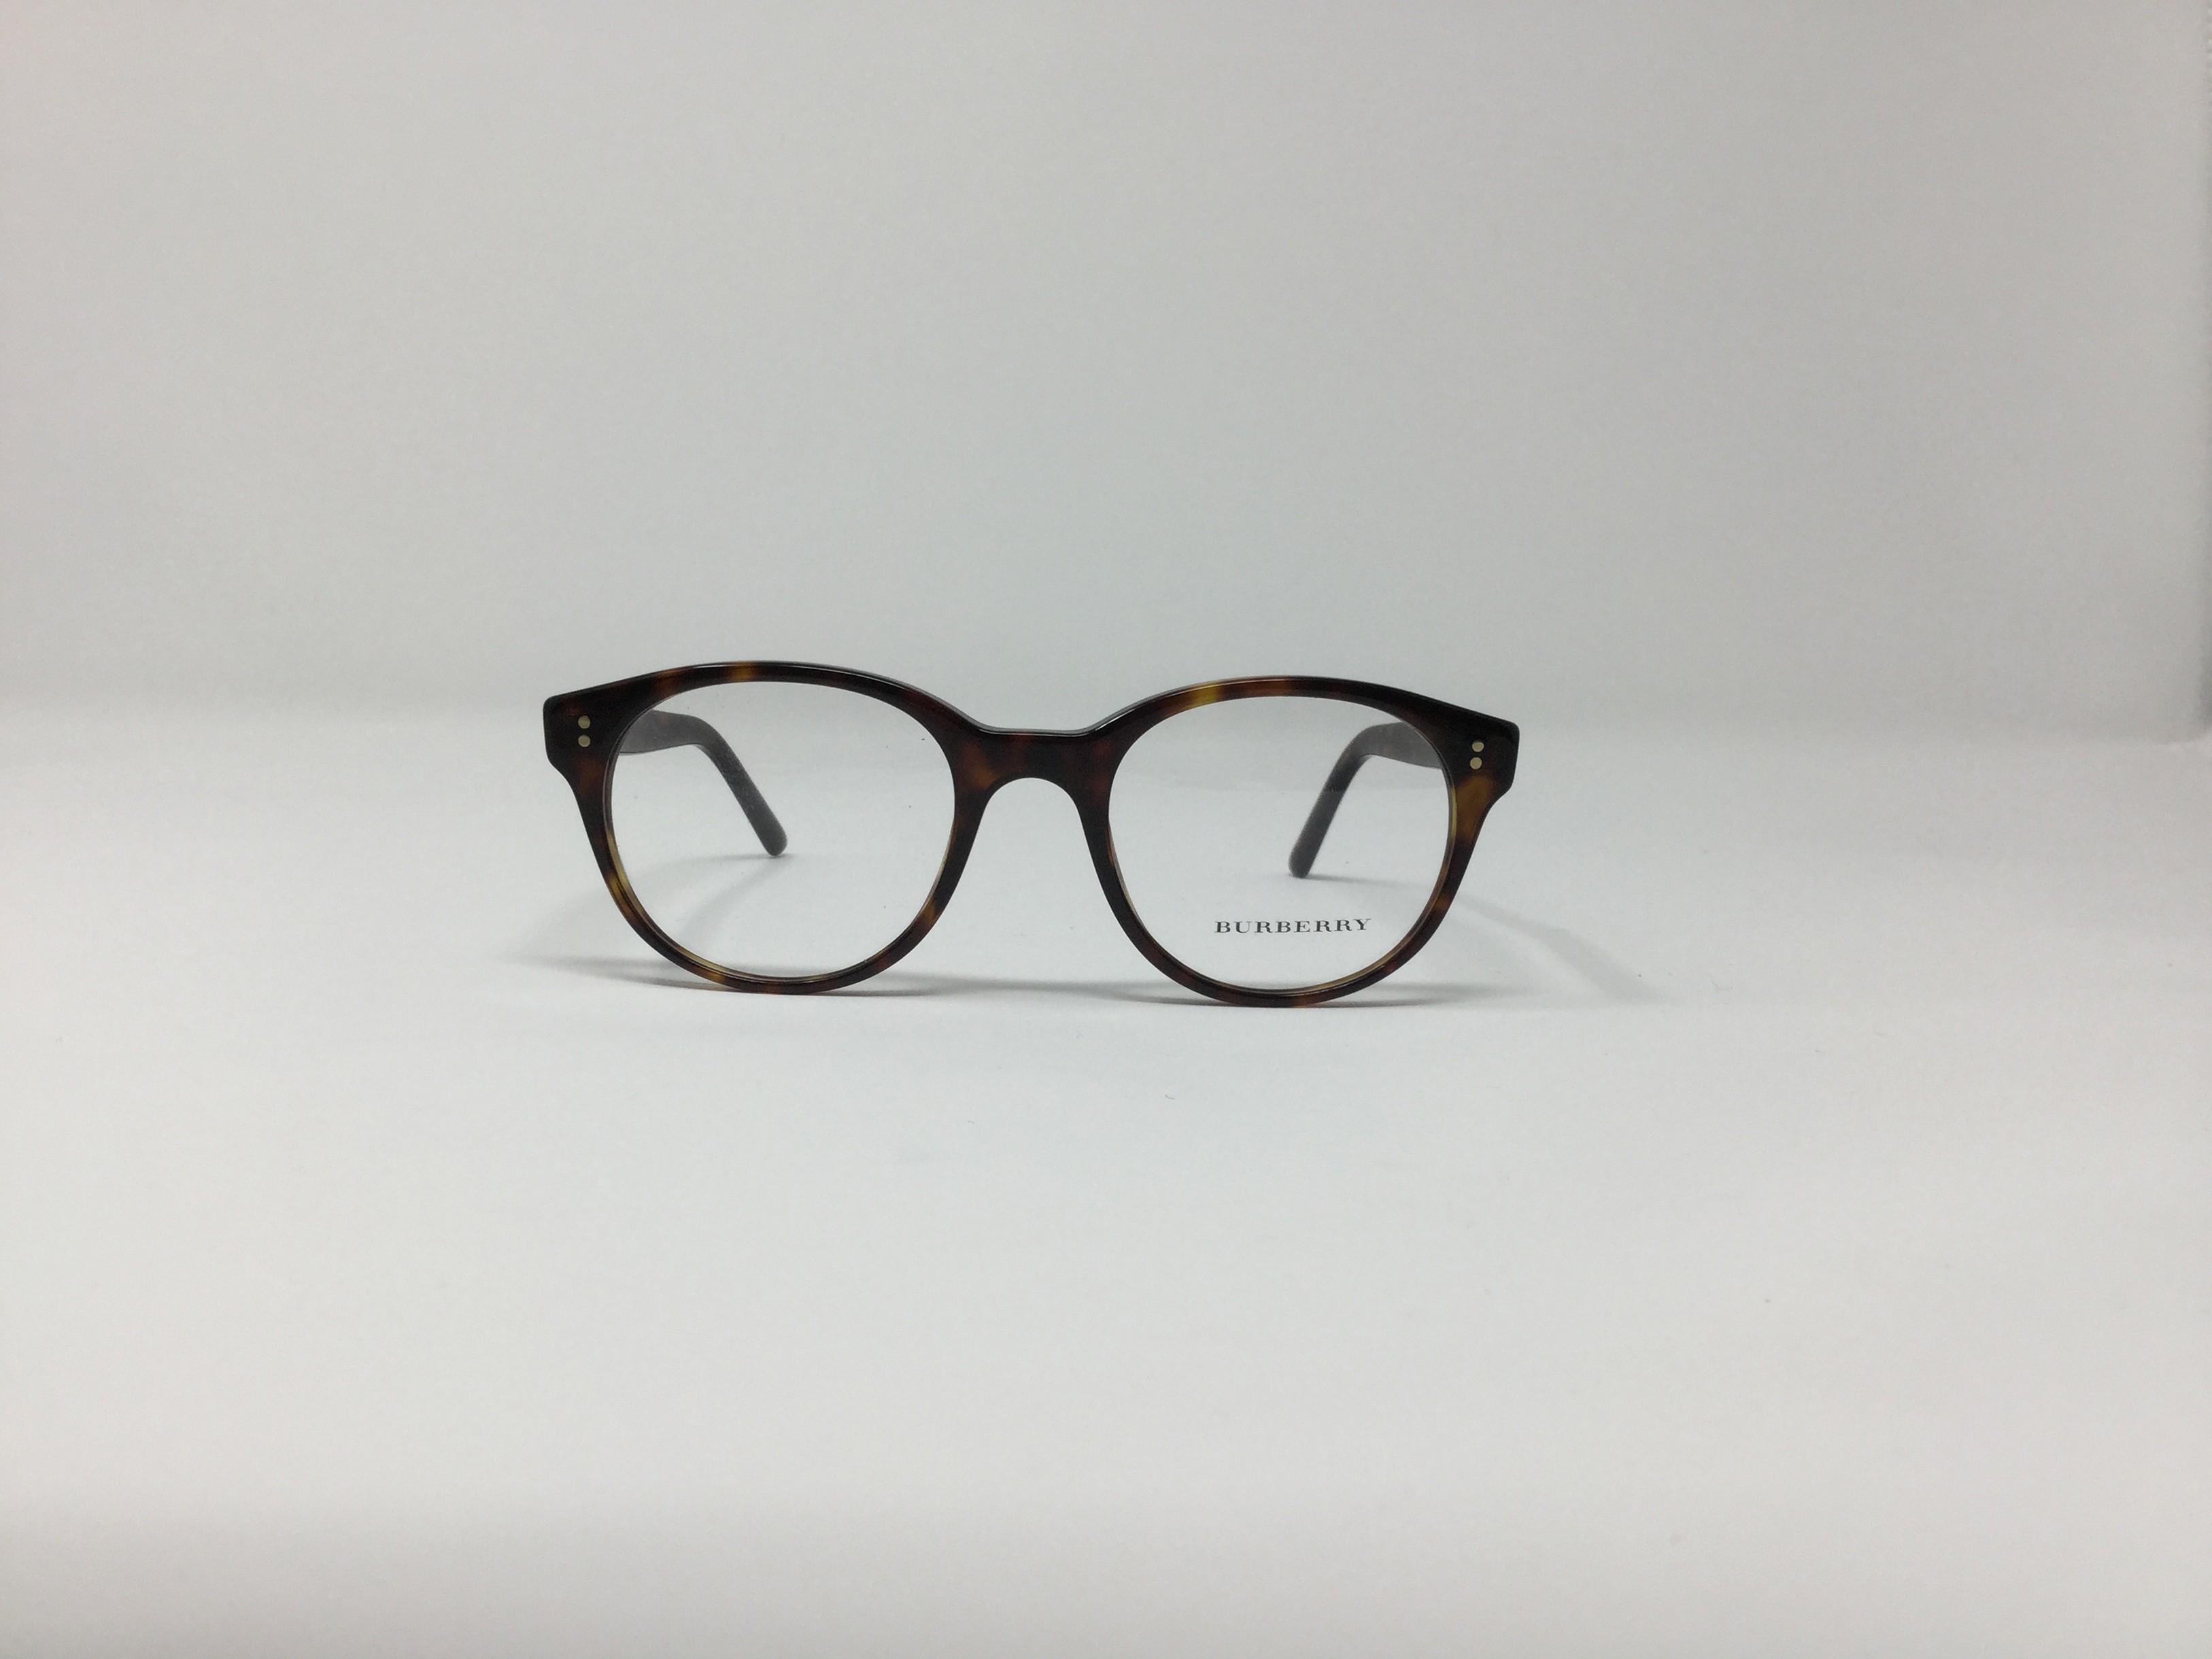 2f11ff9dec6 Burberry B 2194 Mens Eyeglasses